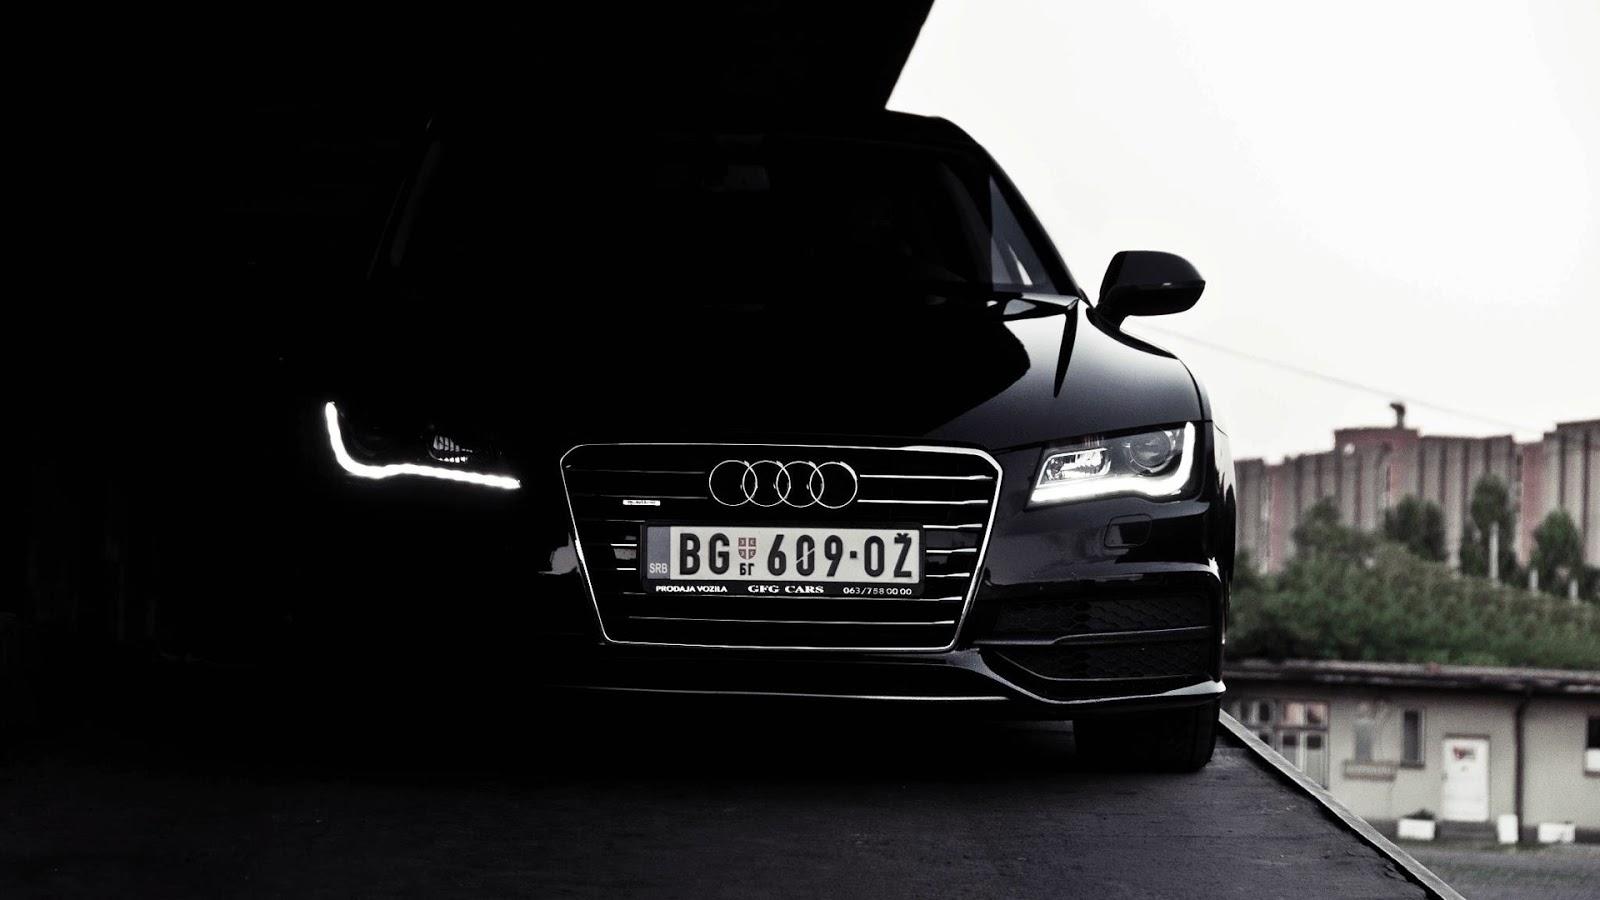 Black Audi A7 in Dark Headlights HD Wallpaper HD Car Wallpapers 1600x900